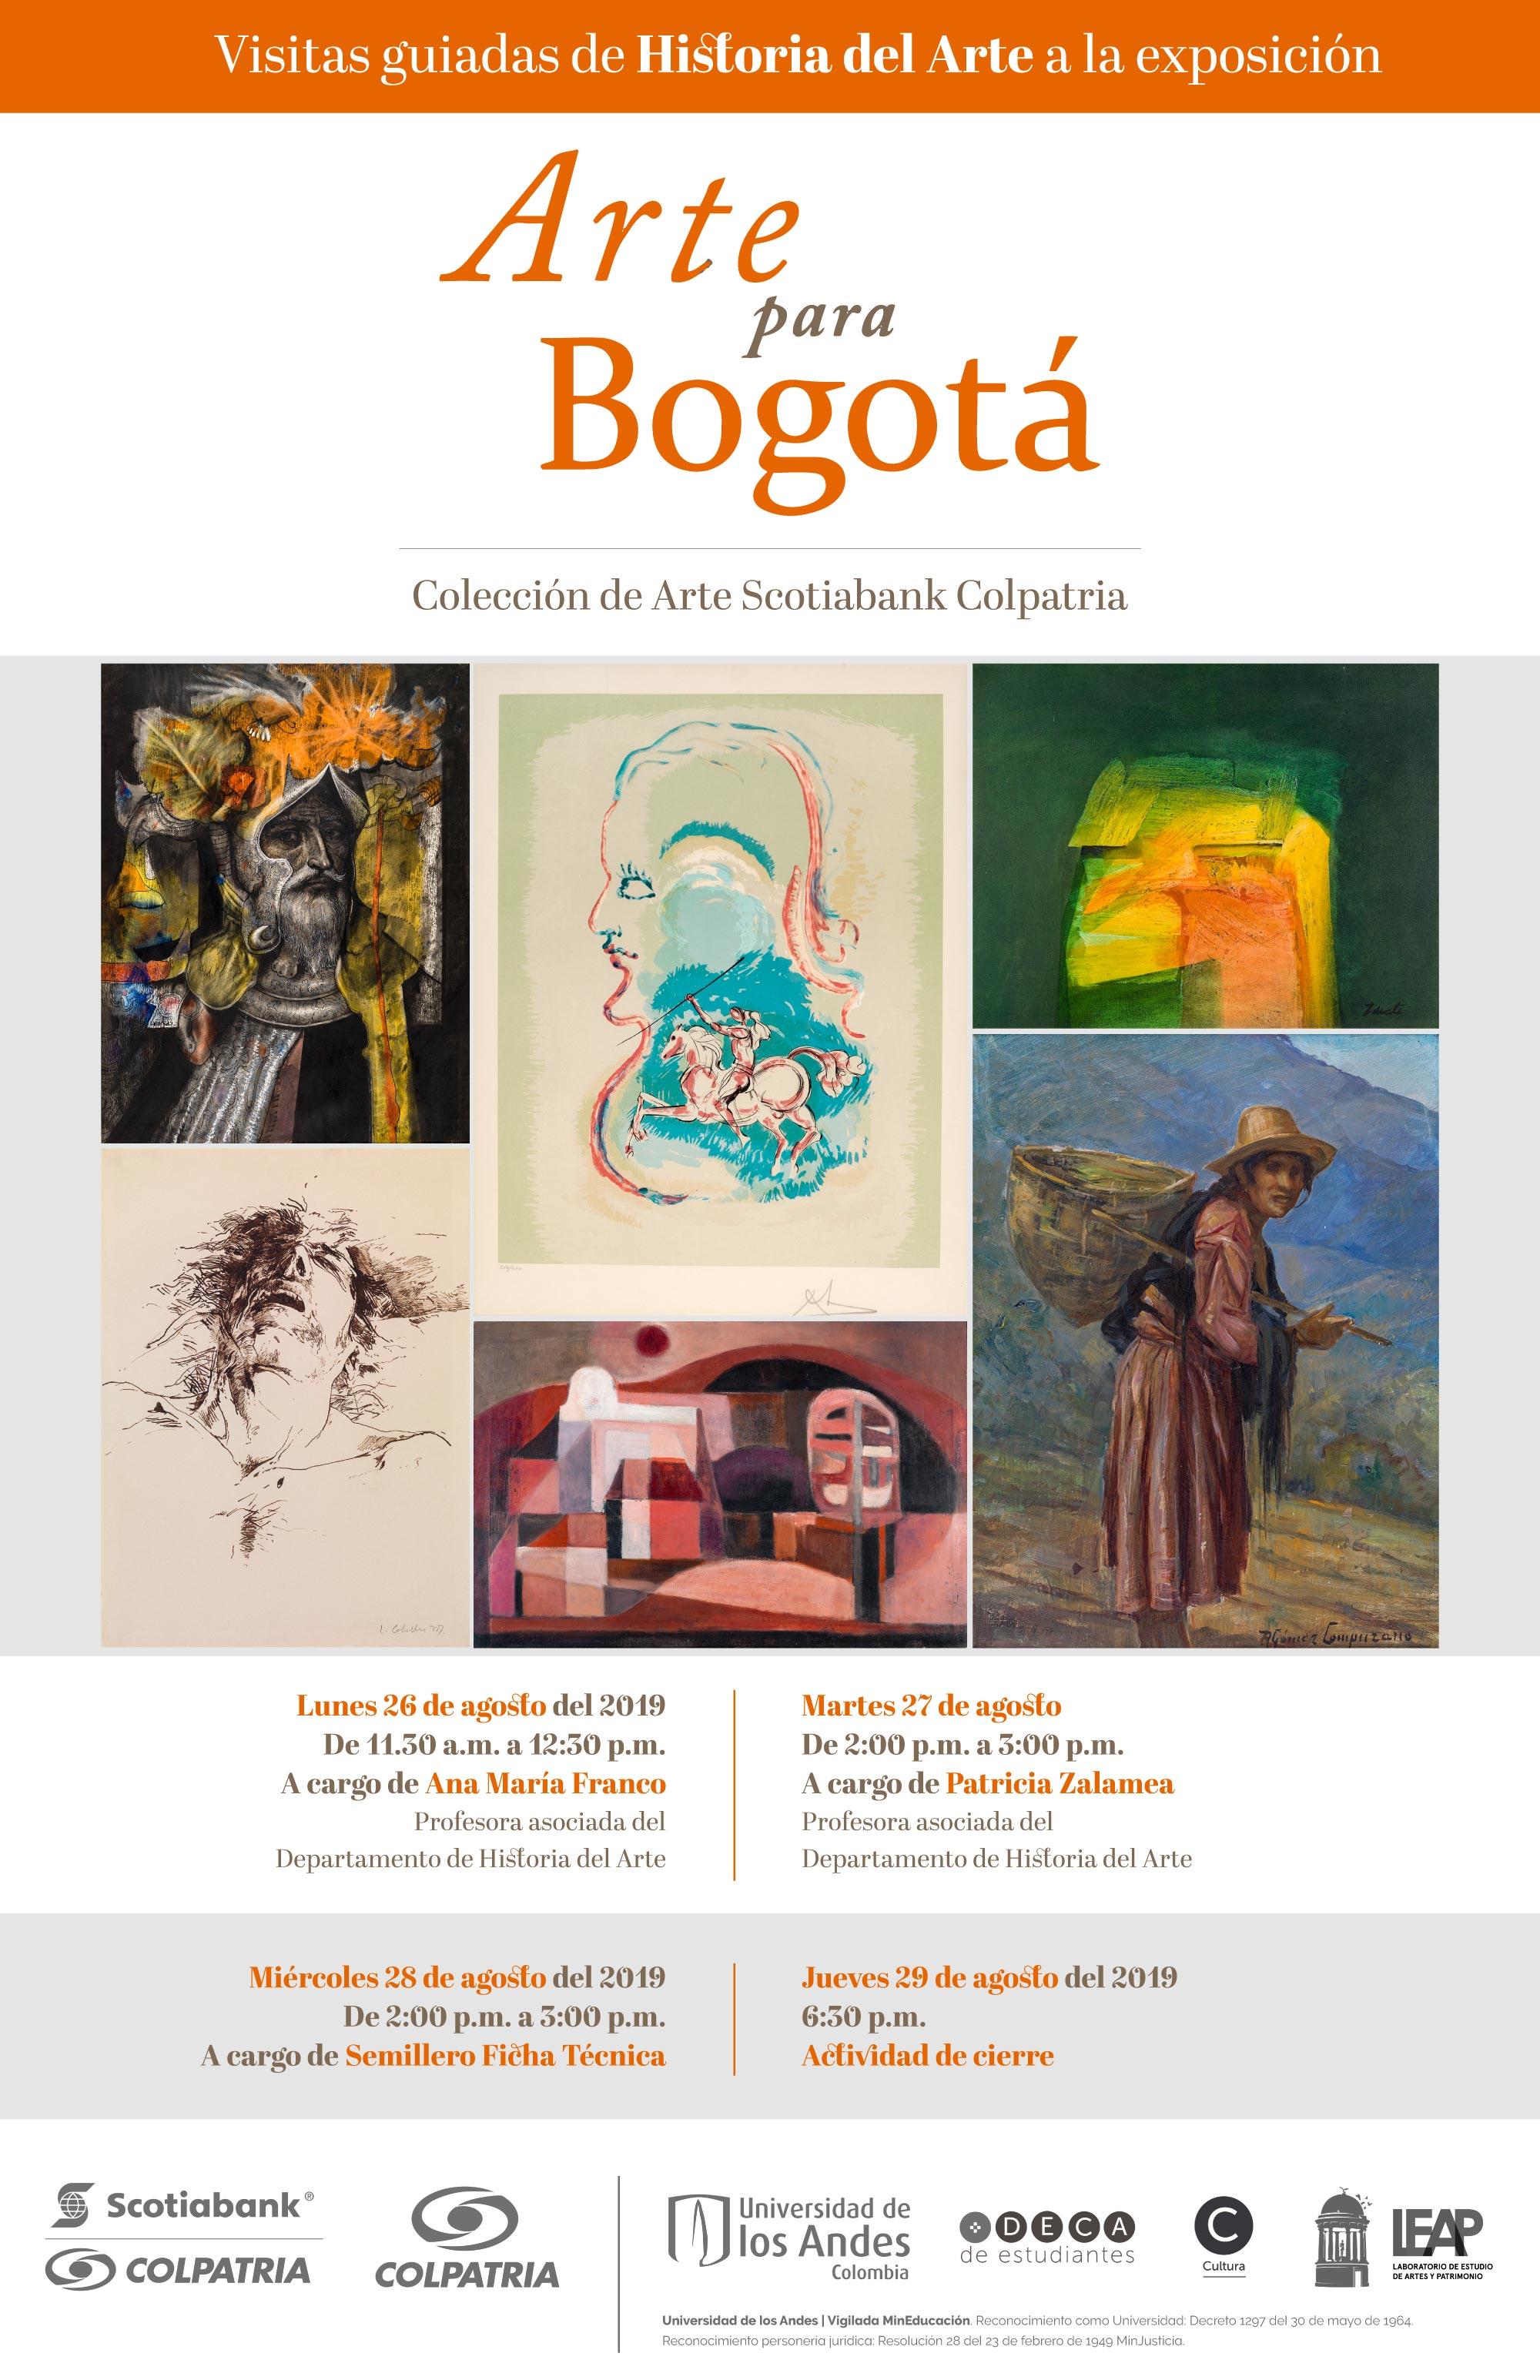 Visitas Arte para Bogotá